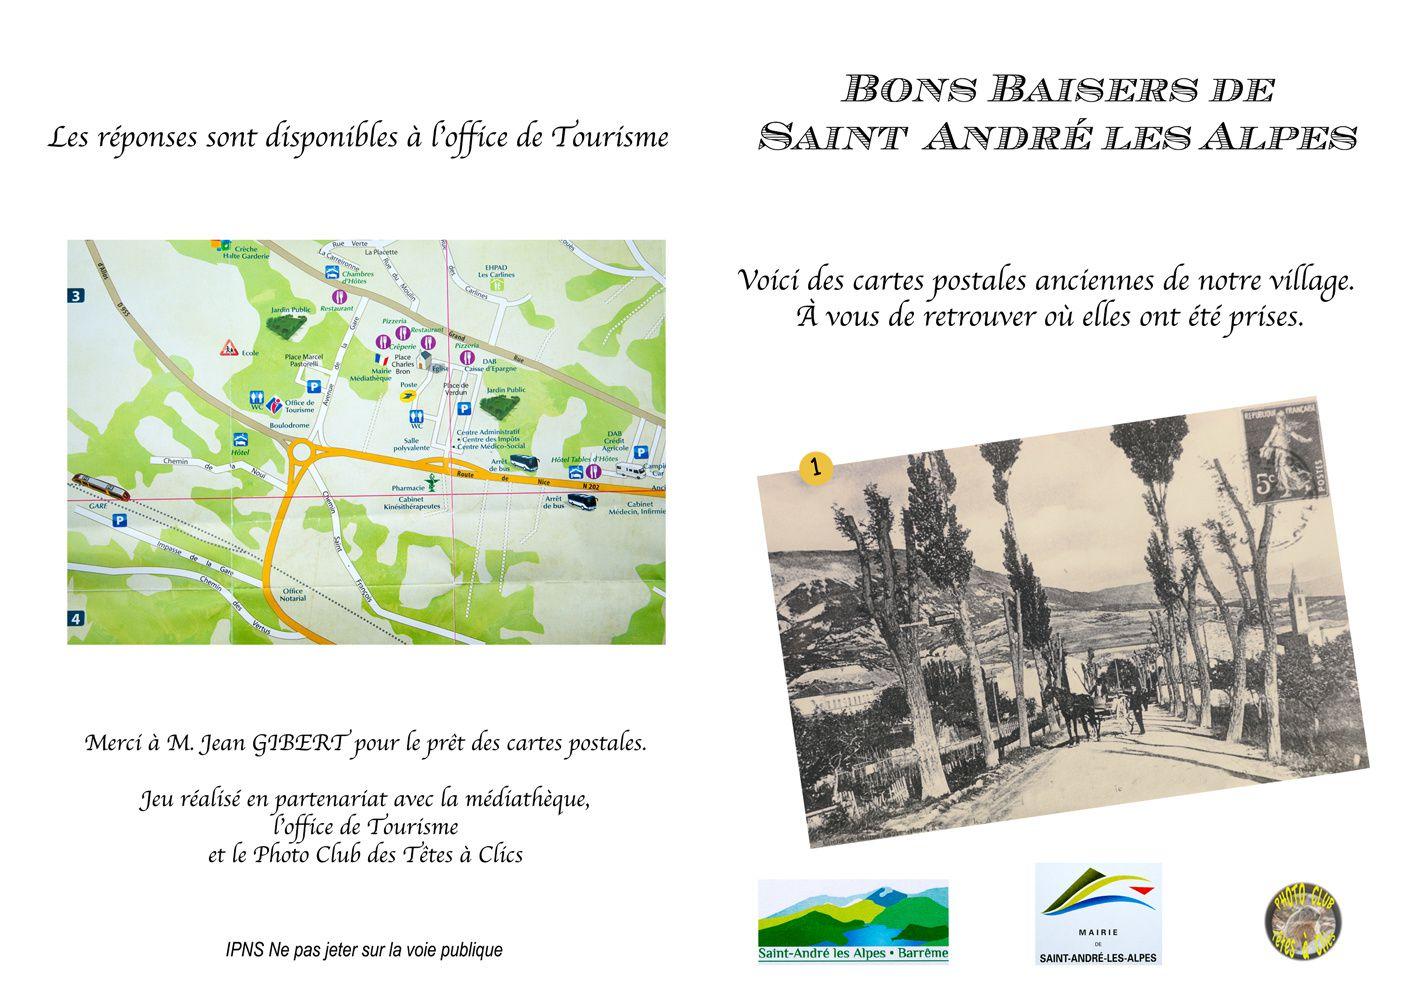 Saint André les Alpes: La journée des cartes postales anciennes a ravivé le souvenir